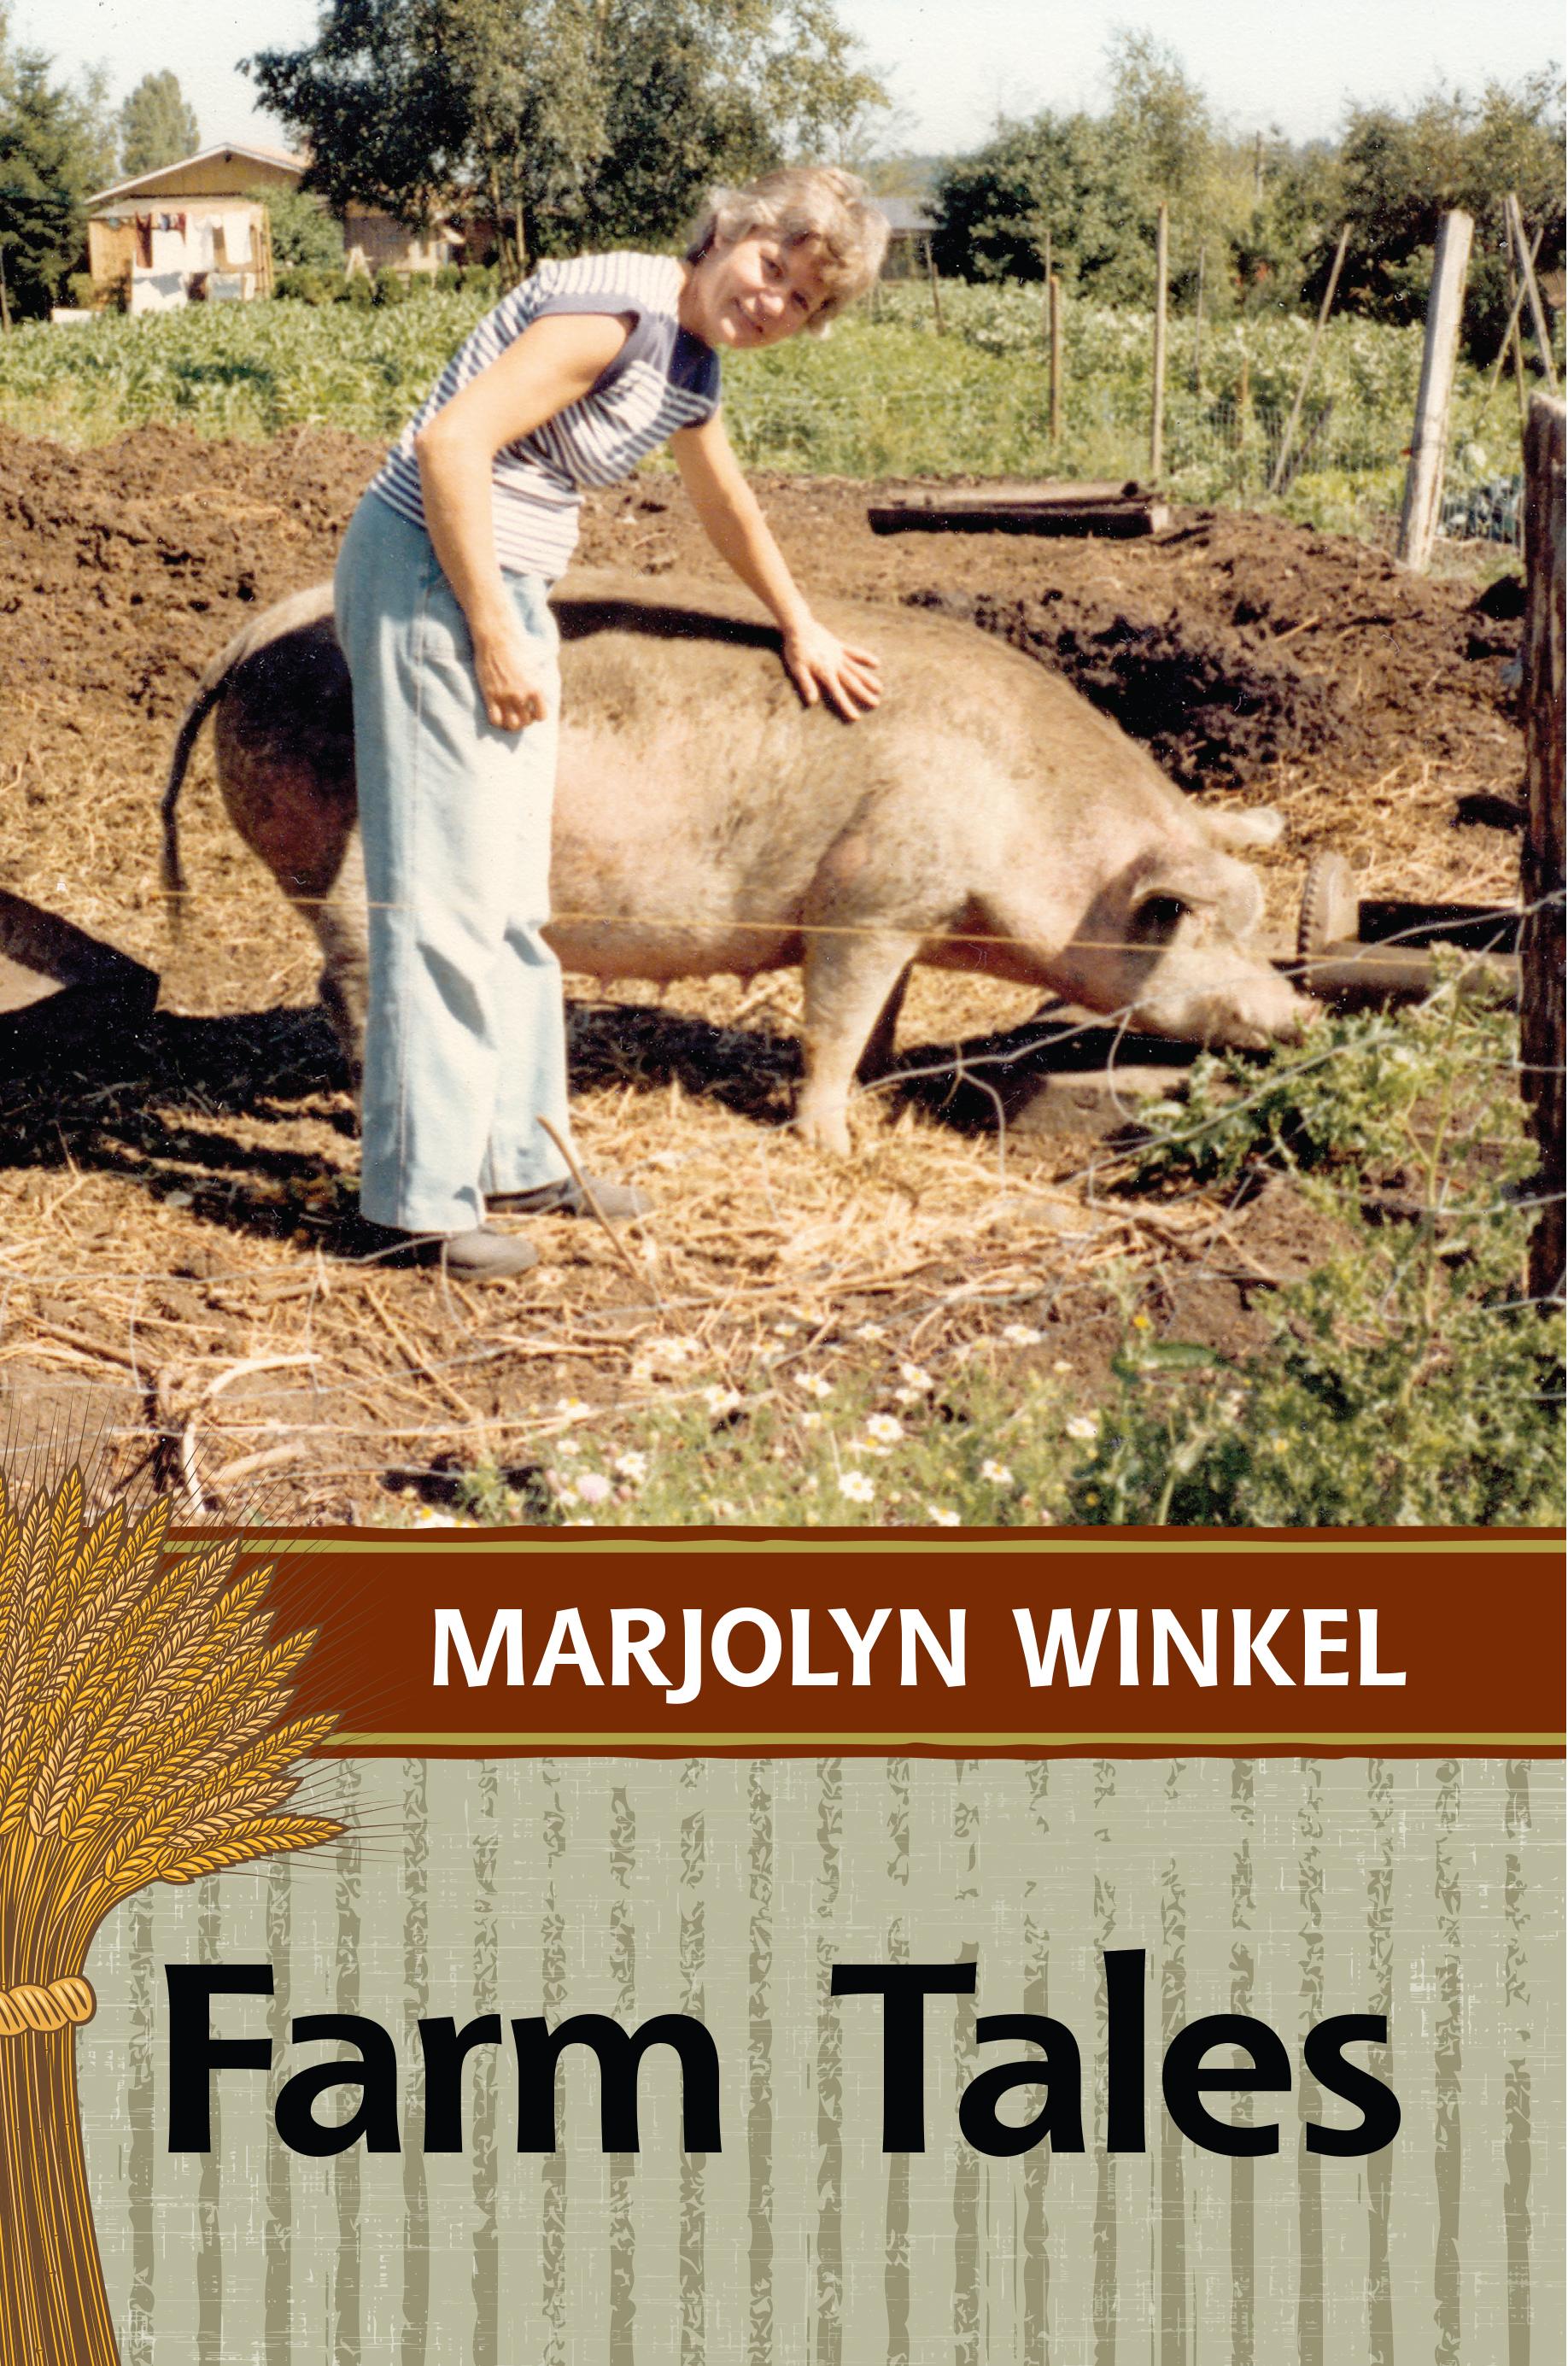 Farm Tales by Marjolyn Winkel